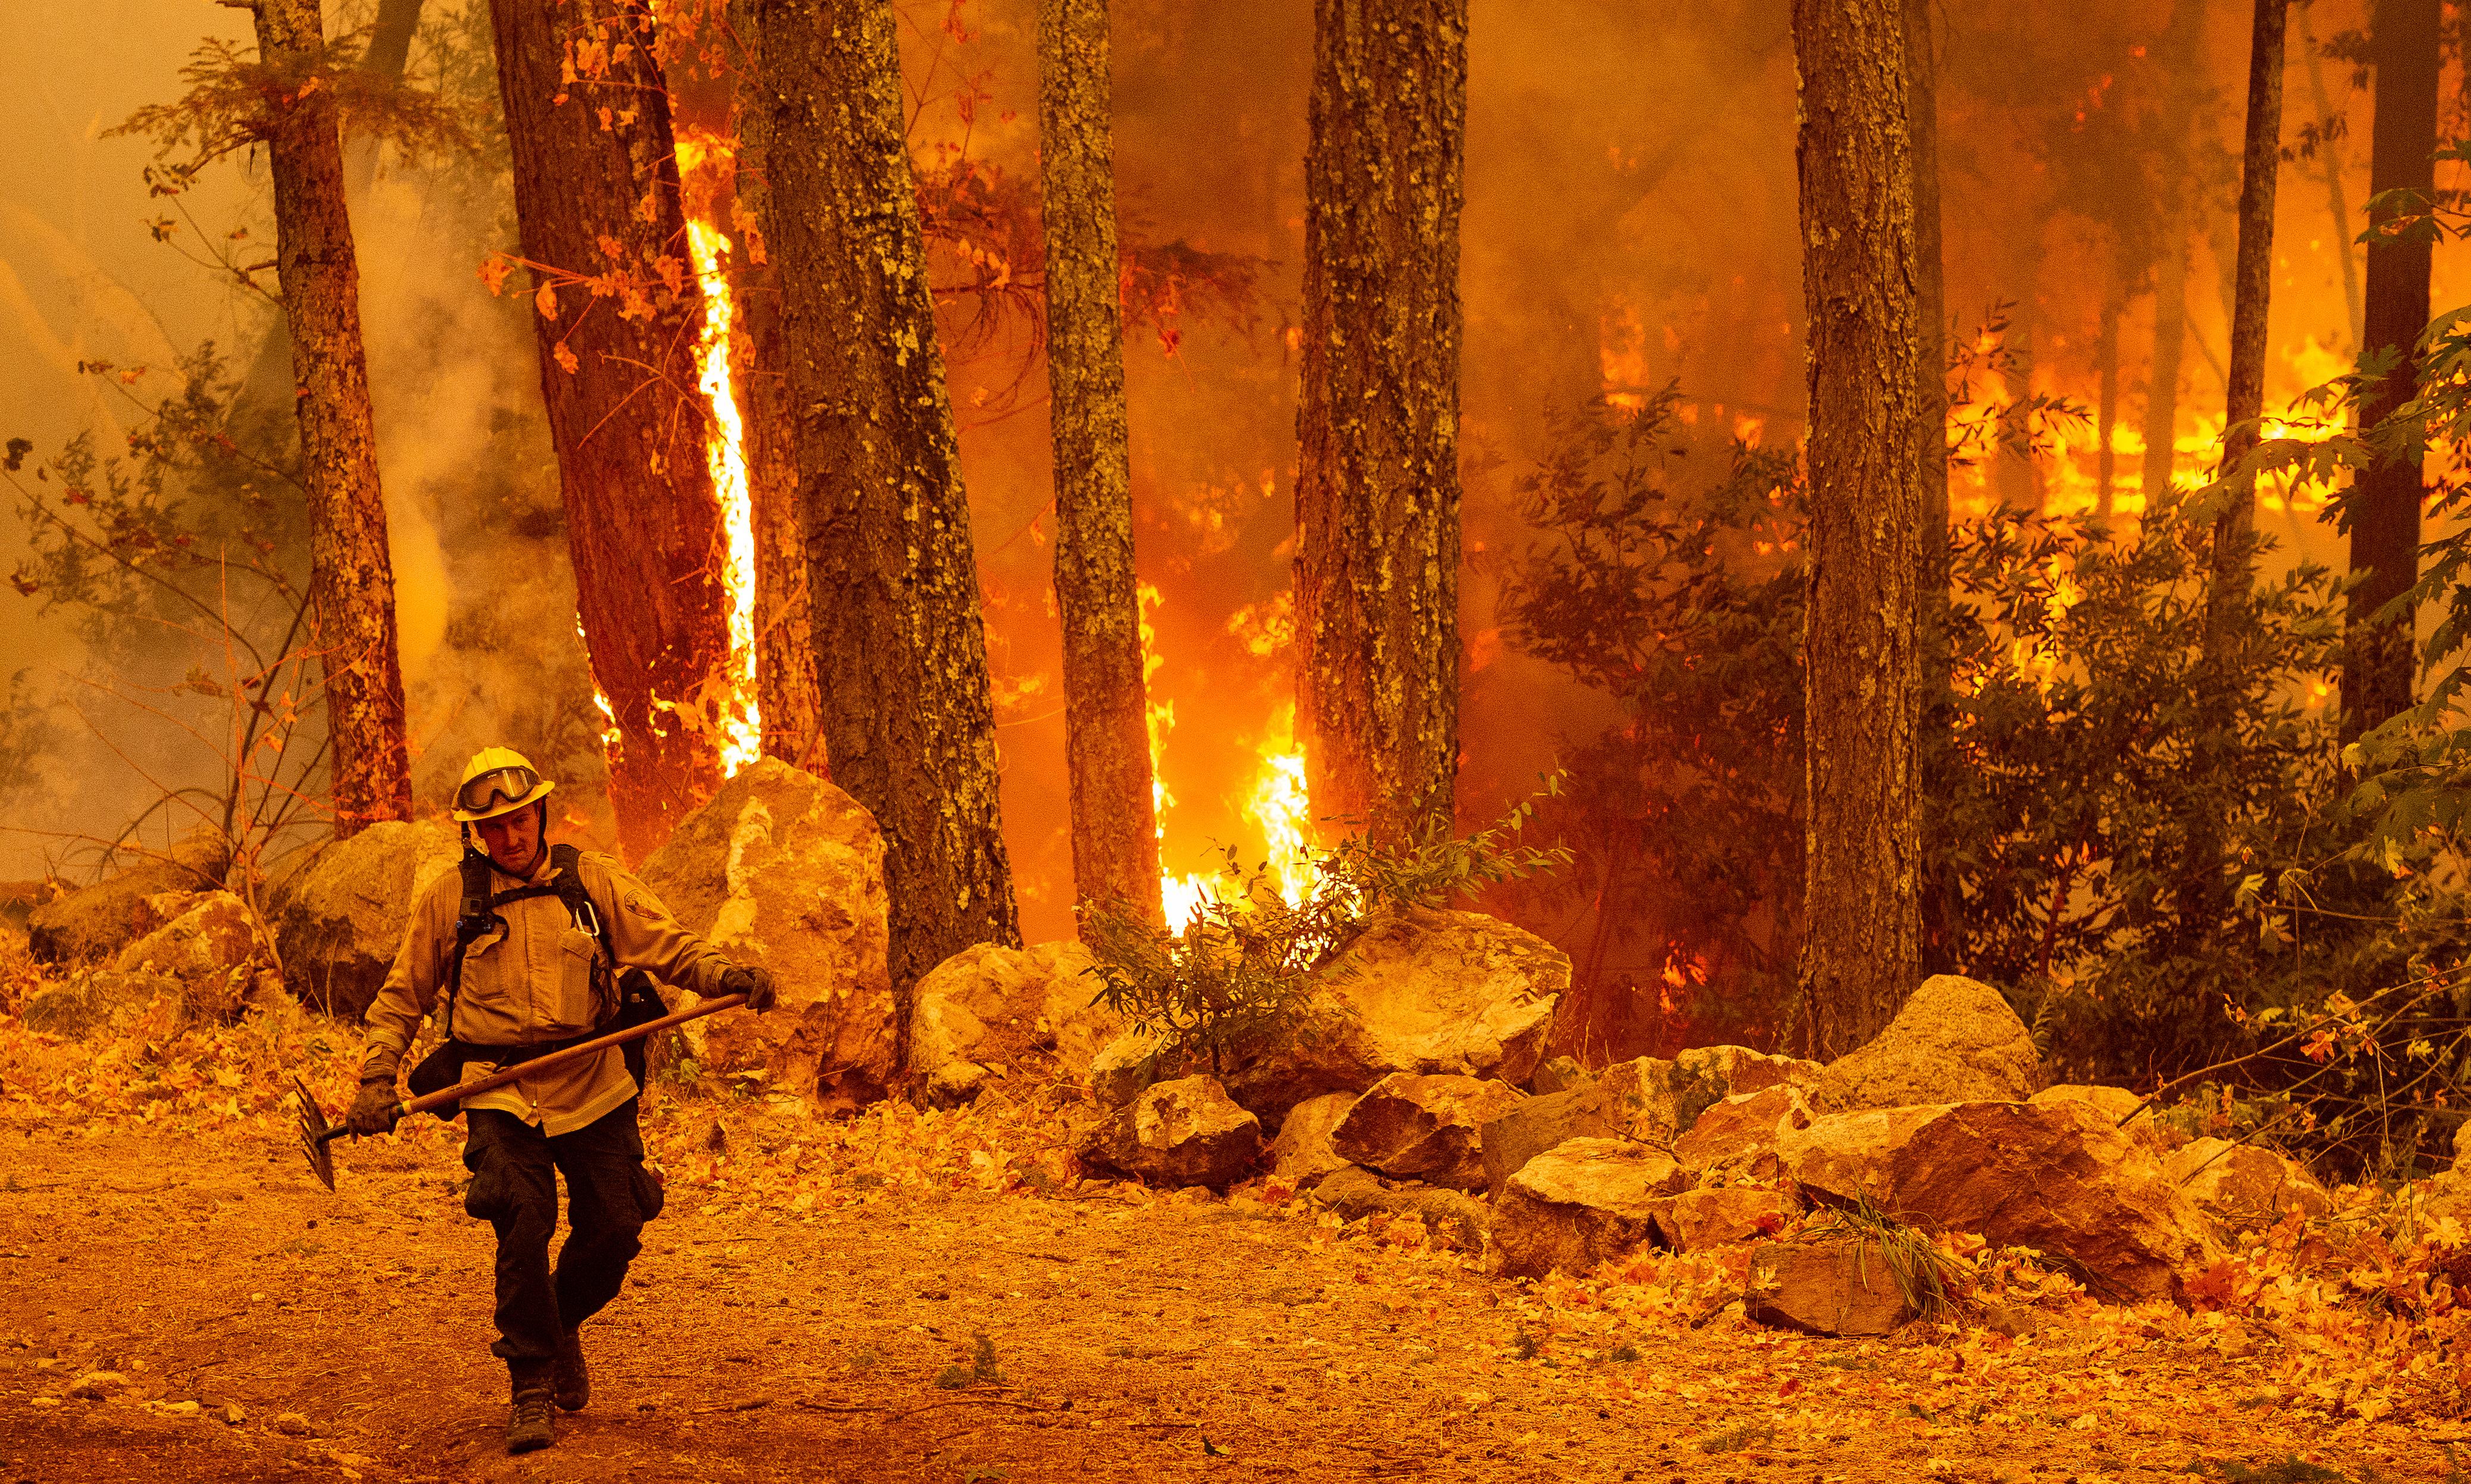 Nem ereszti Kaliforniát a hőség, nem szűnnek az eget füstbe borító erdőtüzek